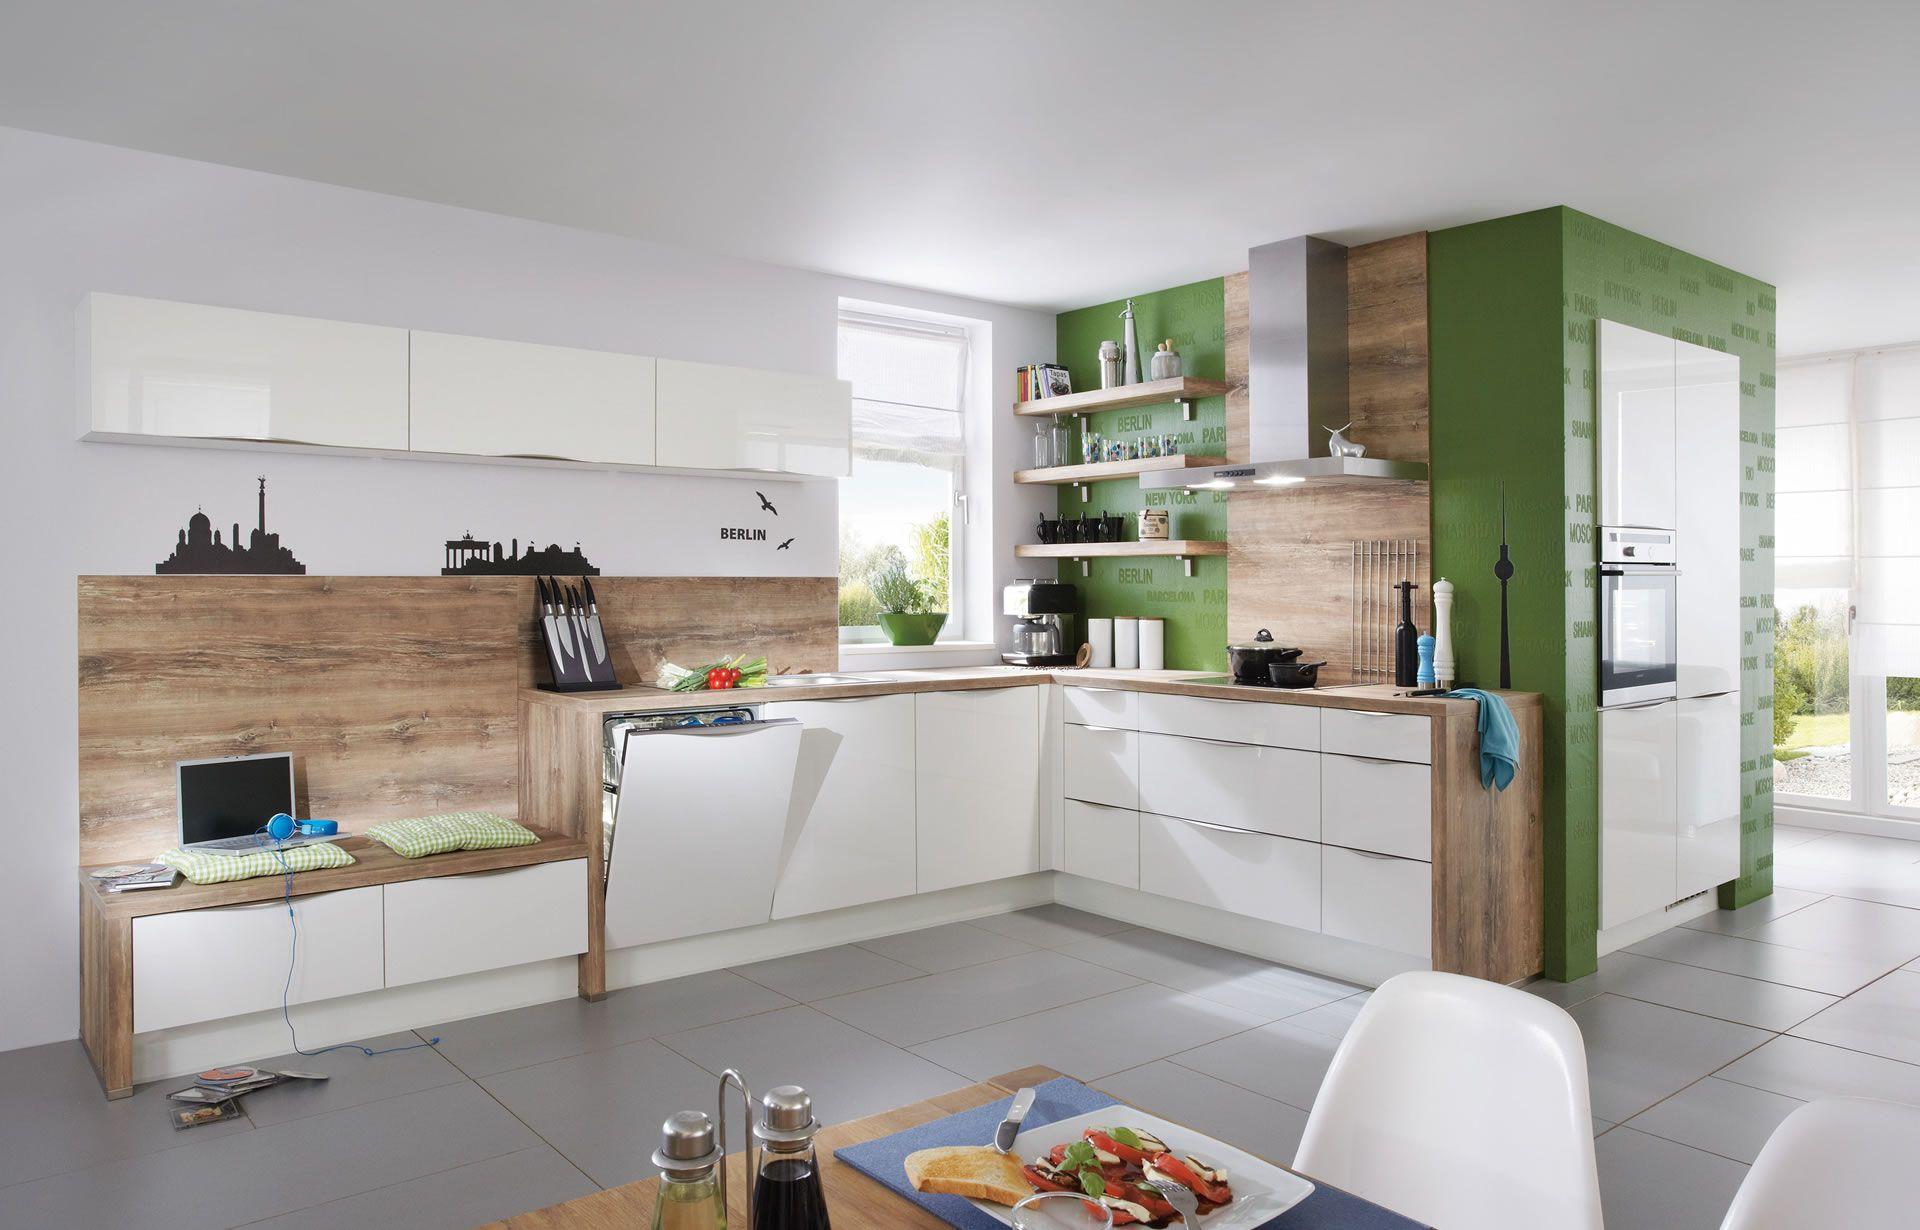 nobilia küchen online kaufen erfassung pic der fadbdaba jpg